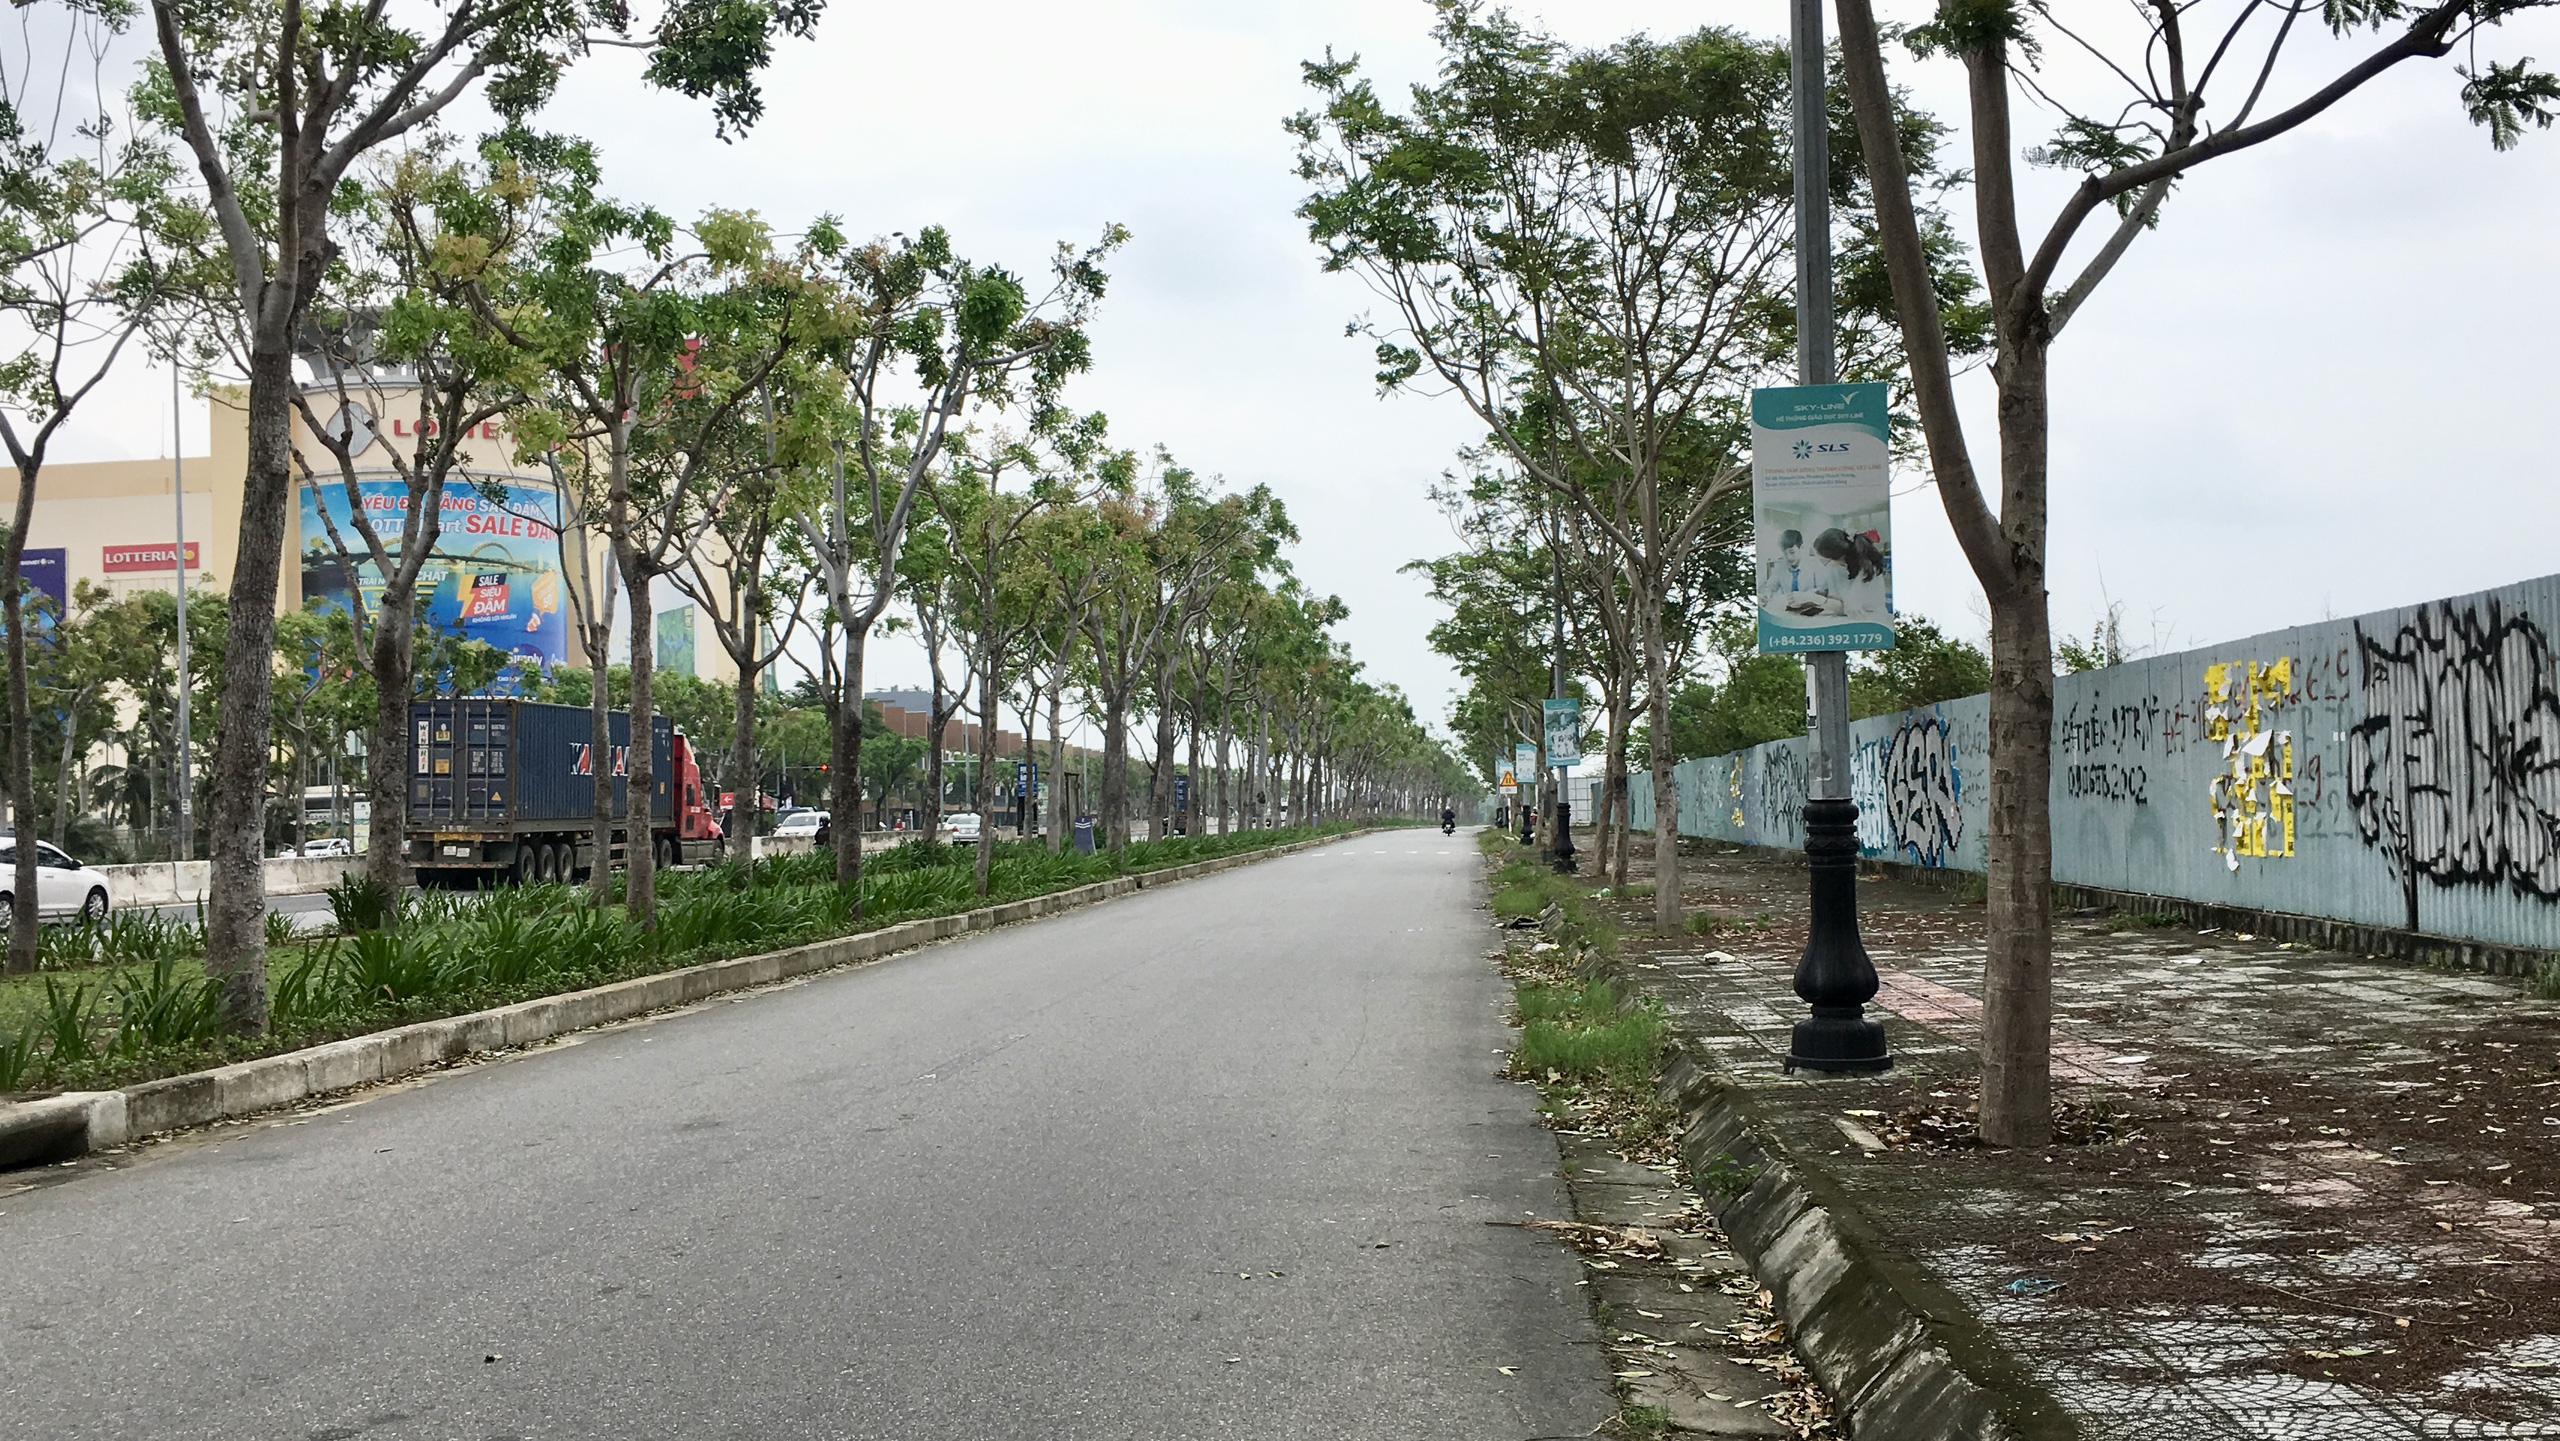 Các doanh nghiệp được Đà Nẵng cấp đầu tư xây chung cư nghìn tỉ đồng trong năm 2020 là ai? - Ảnh 3.